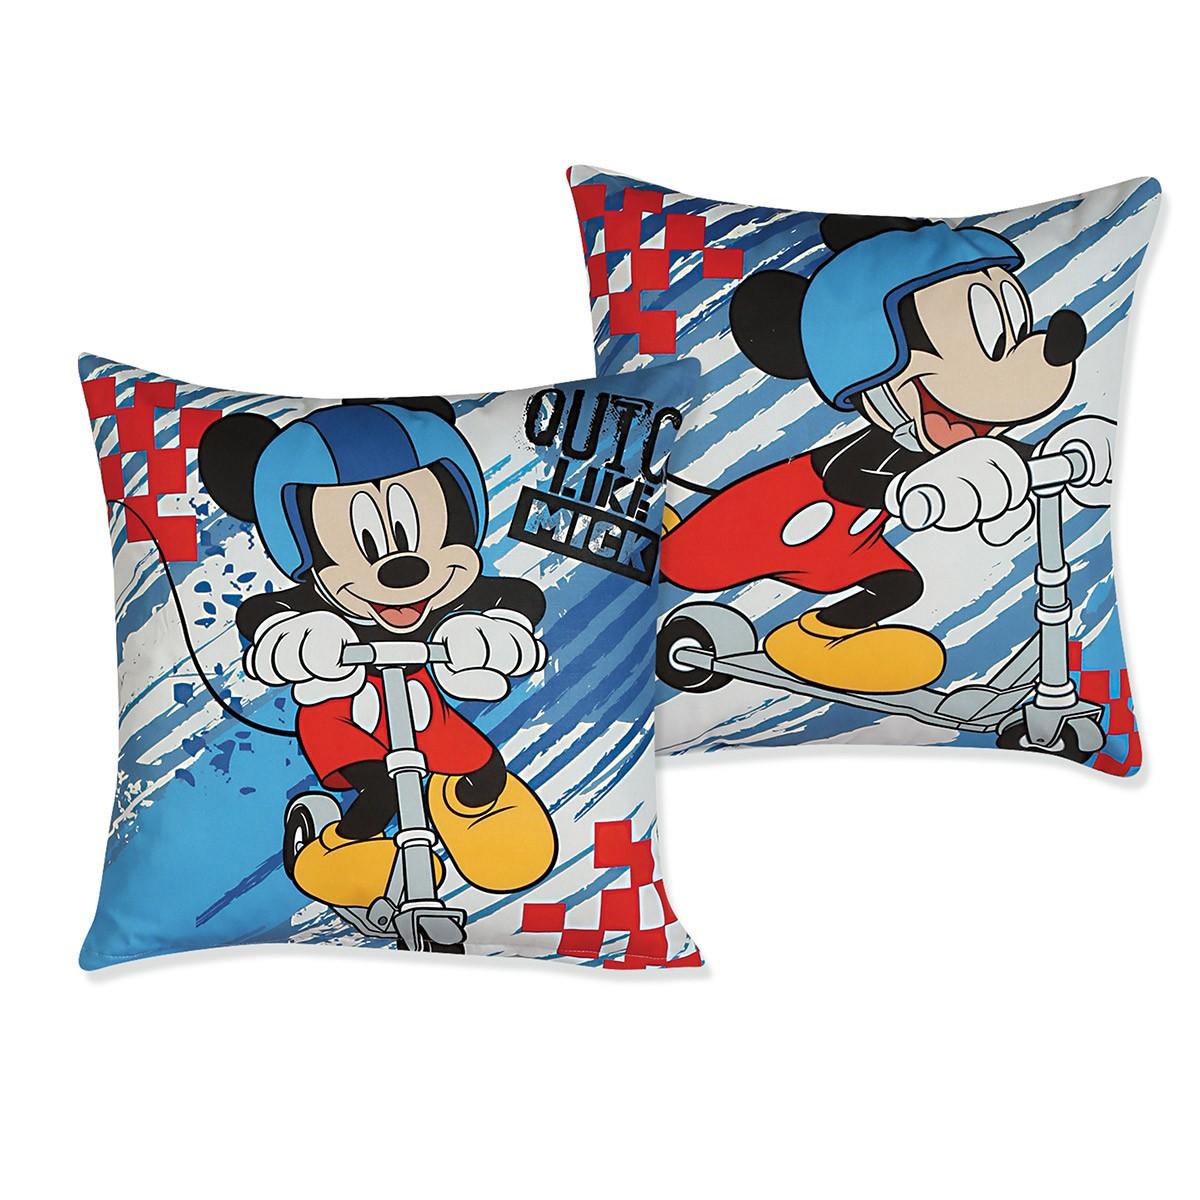 Διακοσμητικό Μαξιλάρι 2 Όψεων Nef-Nef Disney Quick Like Mickey home   παιδικά   διακοσμητικά μαξιλάρια